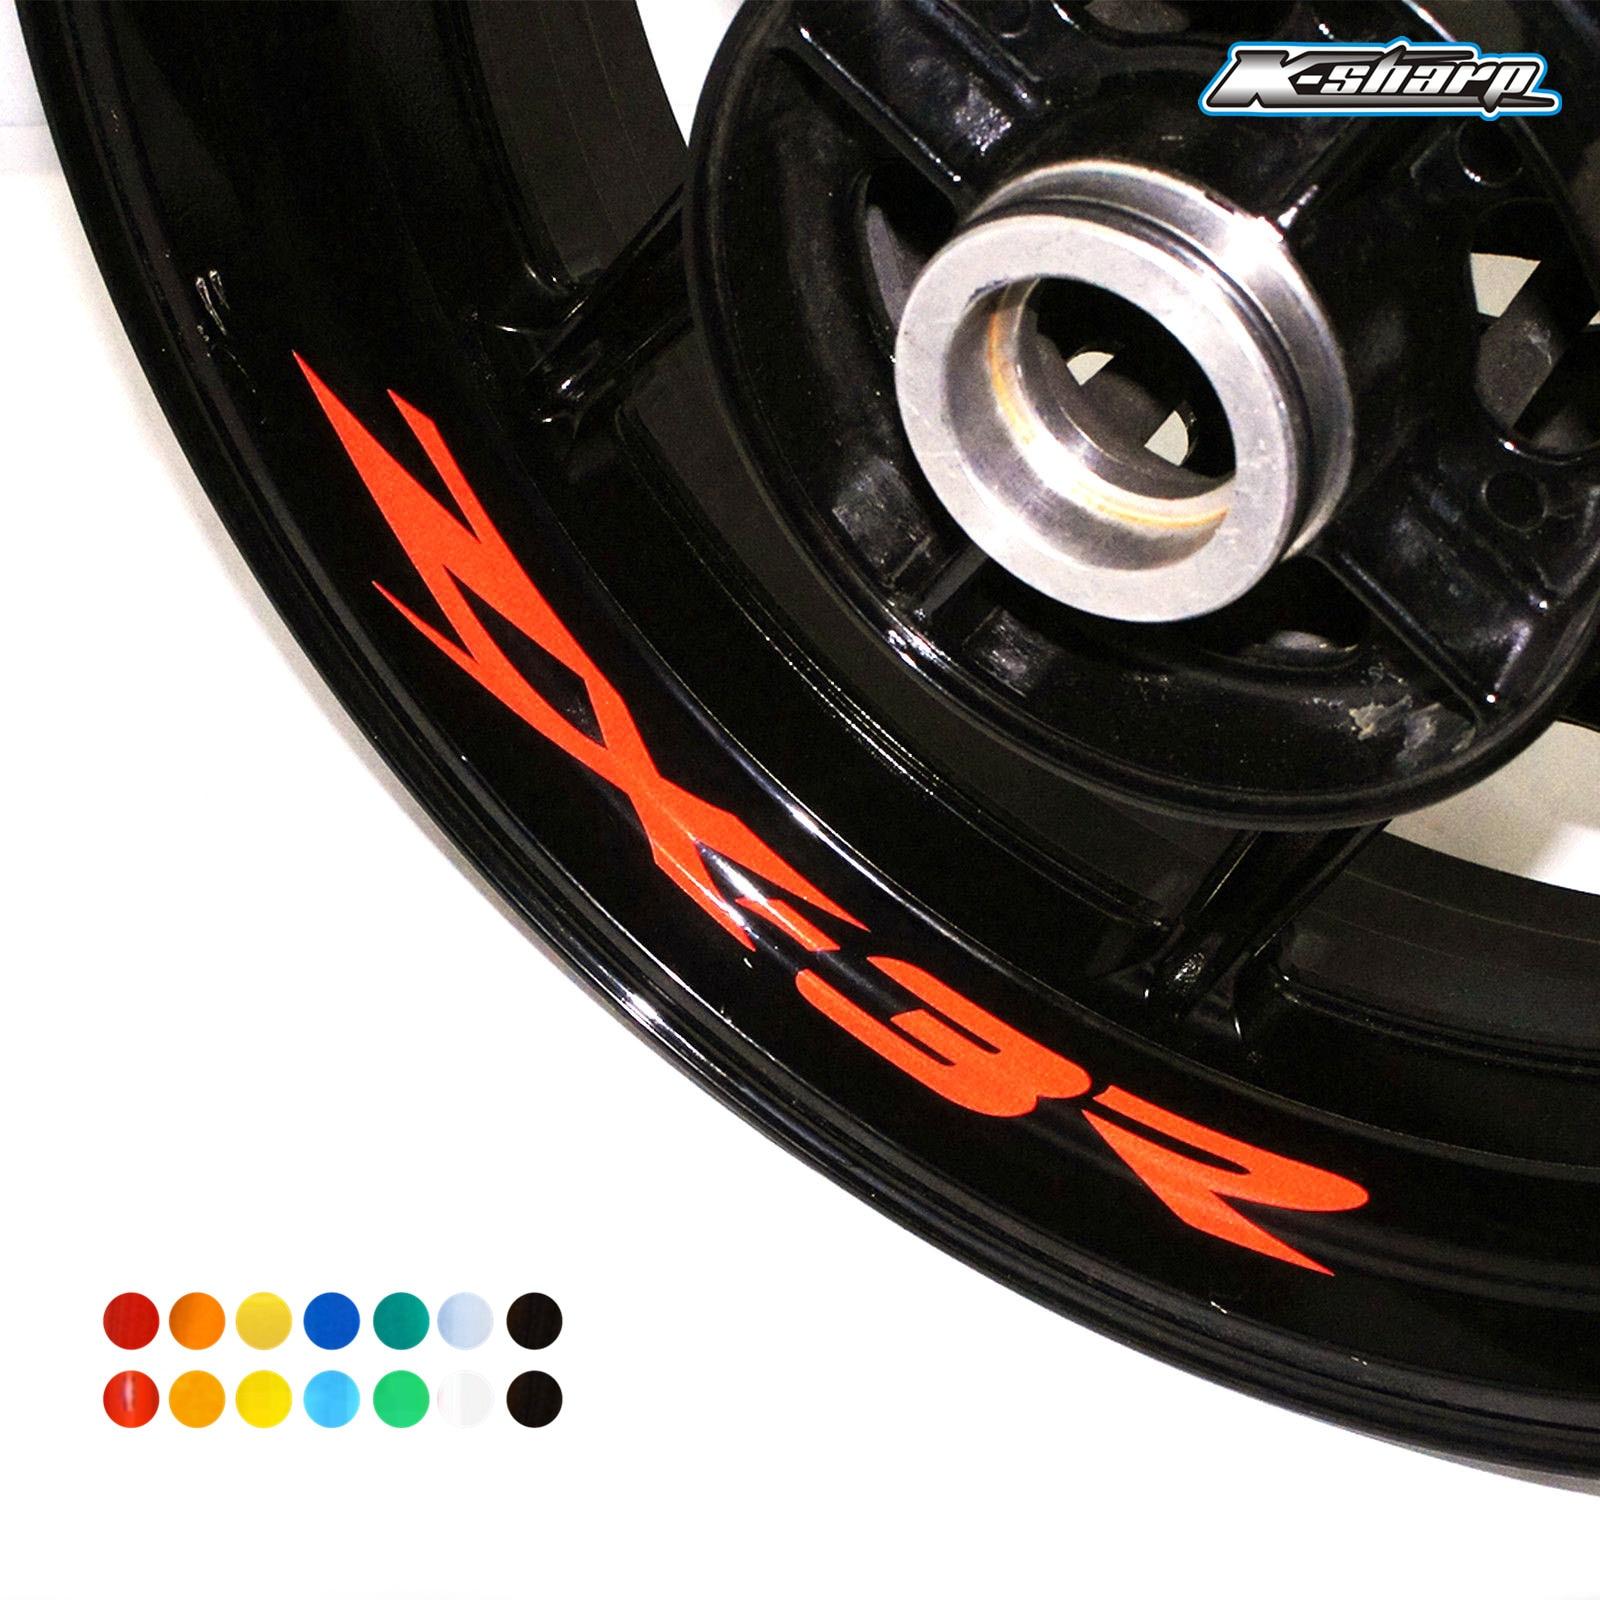 8 X custon inner rim decals wheel reflective sign Stickers stripes FIT KAWASAKI ZX-3R zx3r